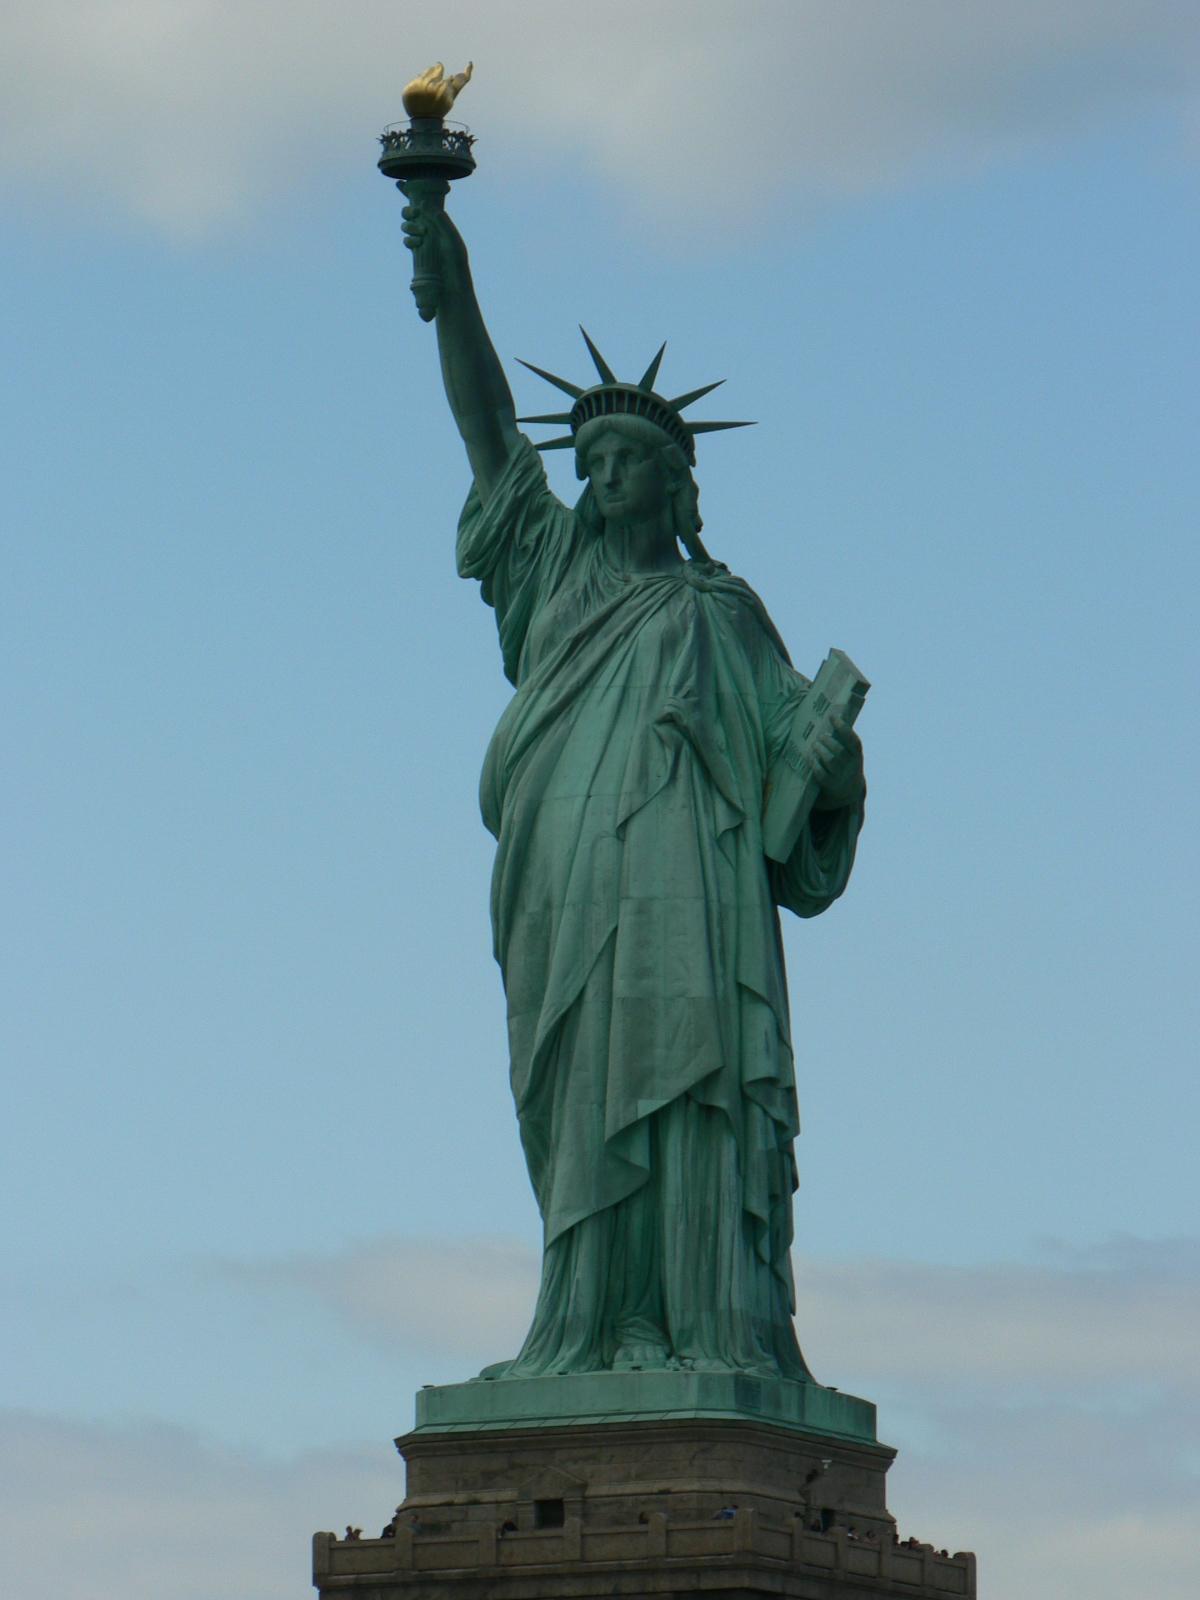 USA East 2009